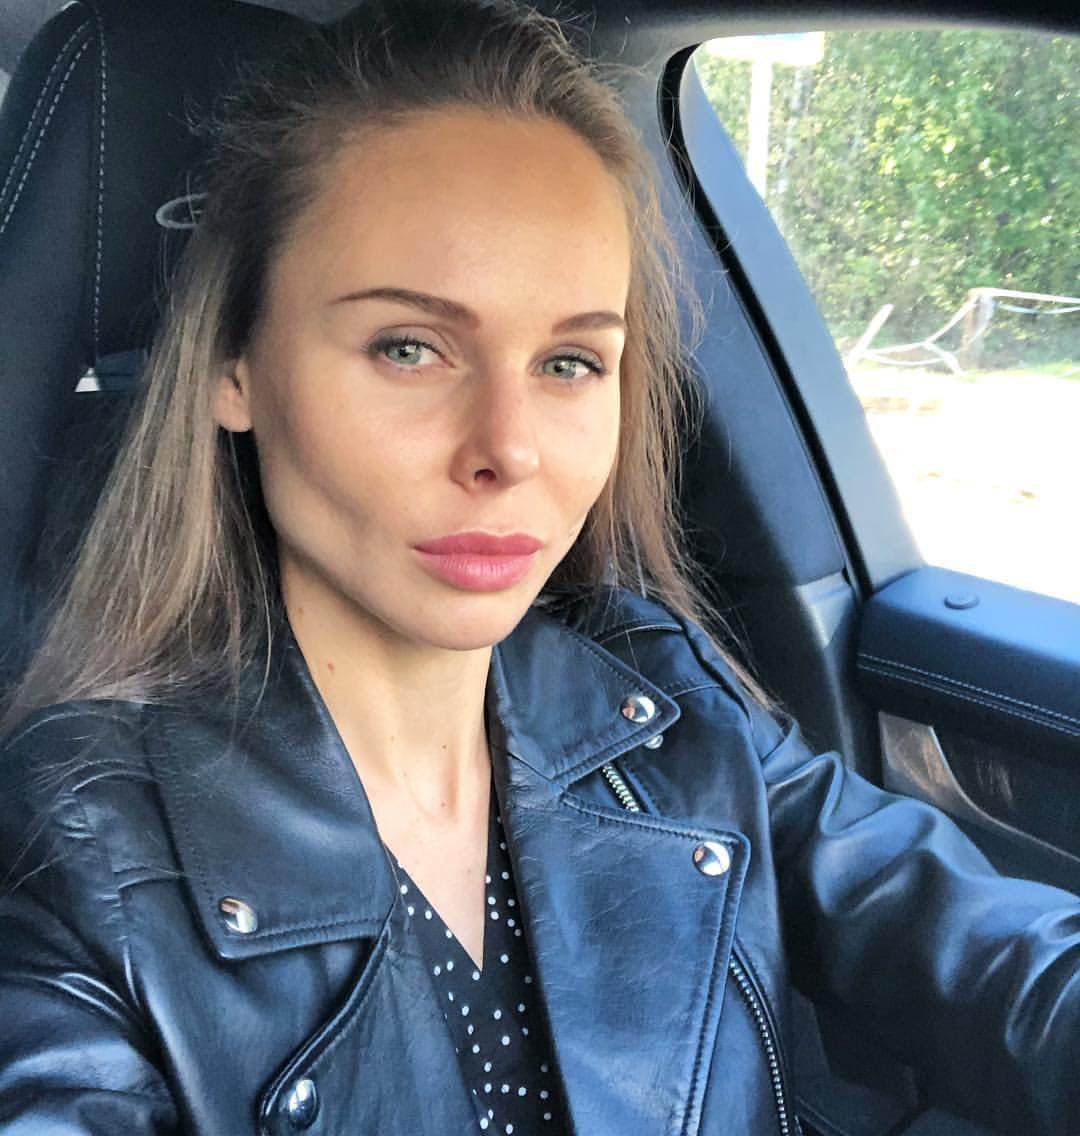 Надежда Санько – новая девушка Павла Мамаева. Говорит, что у них отношения построены не на лжи, а на уважении!